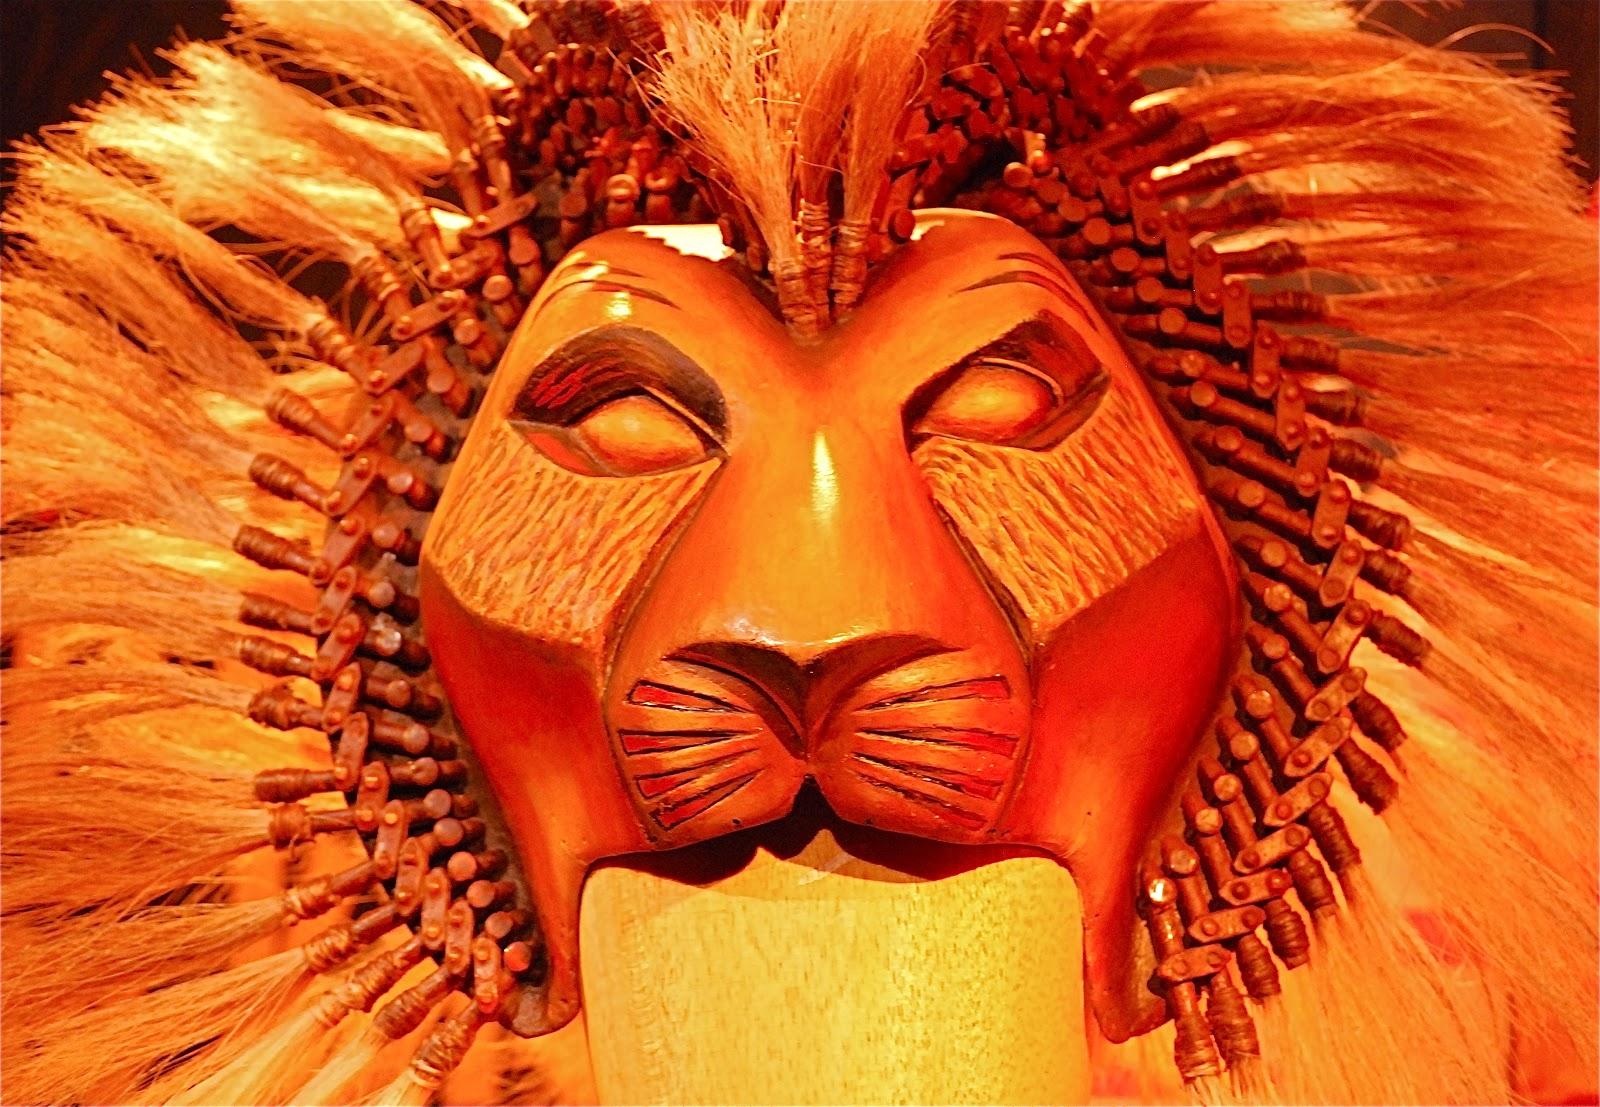 nyc  u2665 nyc  inside the lion king  a pop